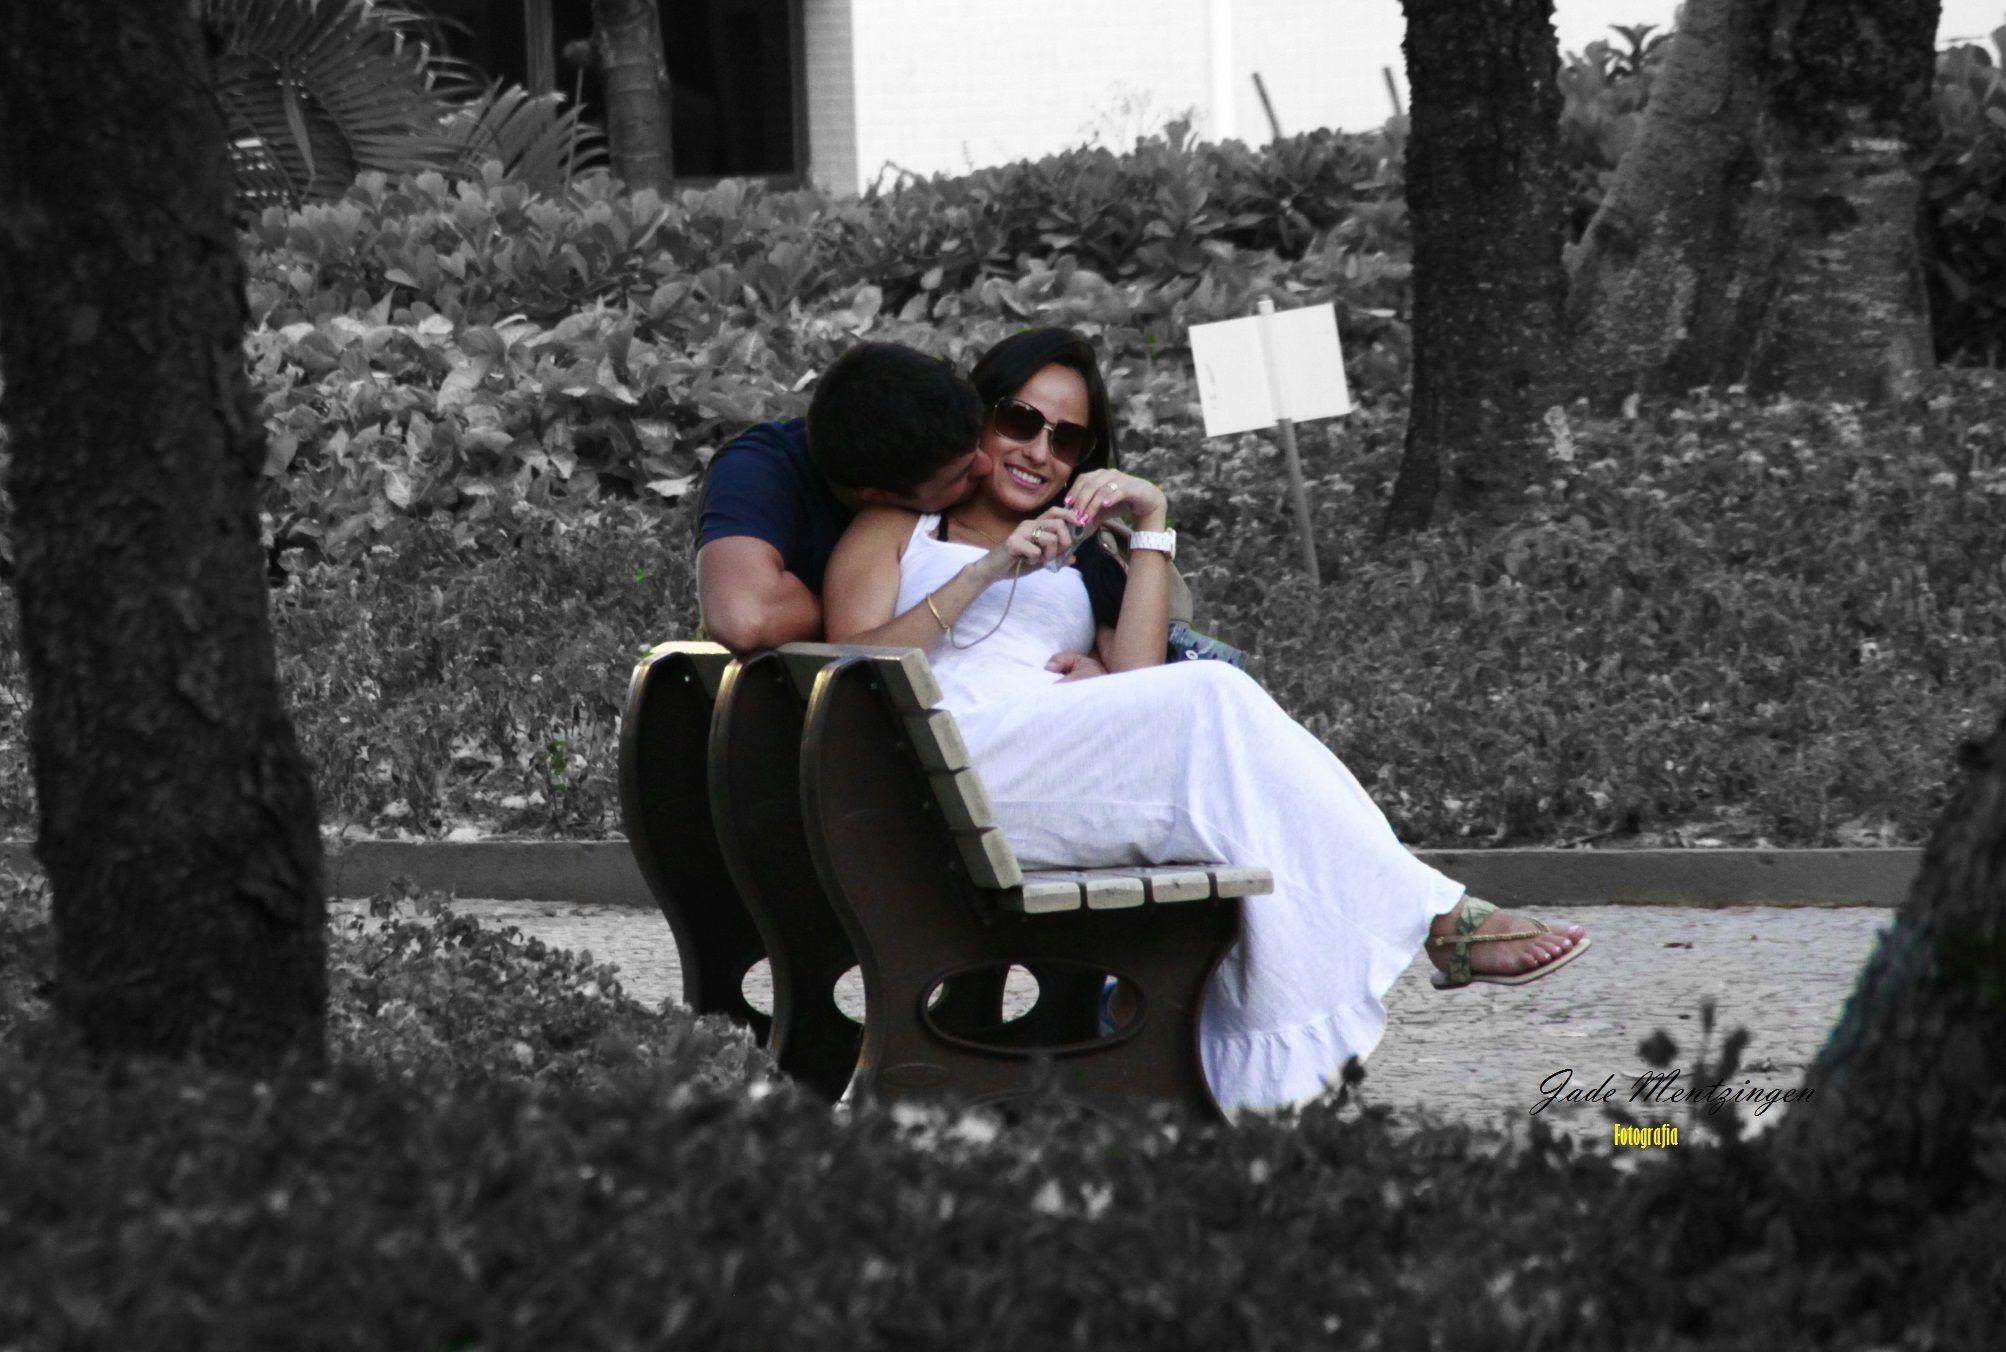 """Como disse John Lennon: """"(...)E aí, quando você estiver muito apaixonado por você mesmo, vai poder ser muito feliz e se apaixonar por alguém."""" Por isso, se ame antes de qualquer pessoa. Se olhe no espelho e diga o quanto você é bonita. Aprecie seus traços, seu figurino, sua beleza. E nunca se deixe abater por pensamentos alheios."""